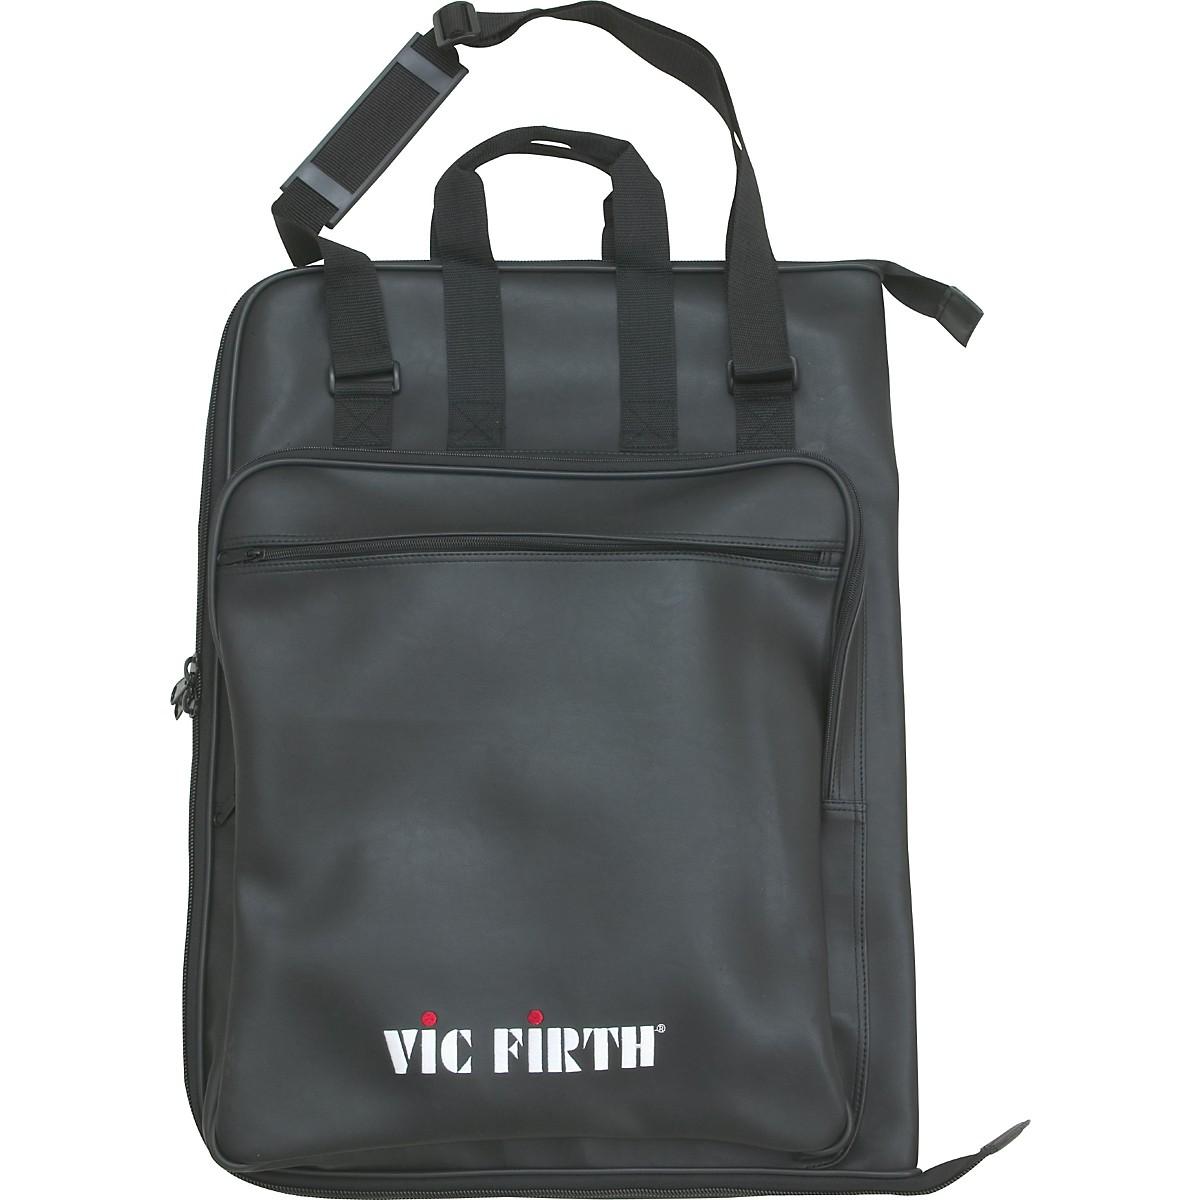 Vic Firth Concert Keyboard Mallet Bag